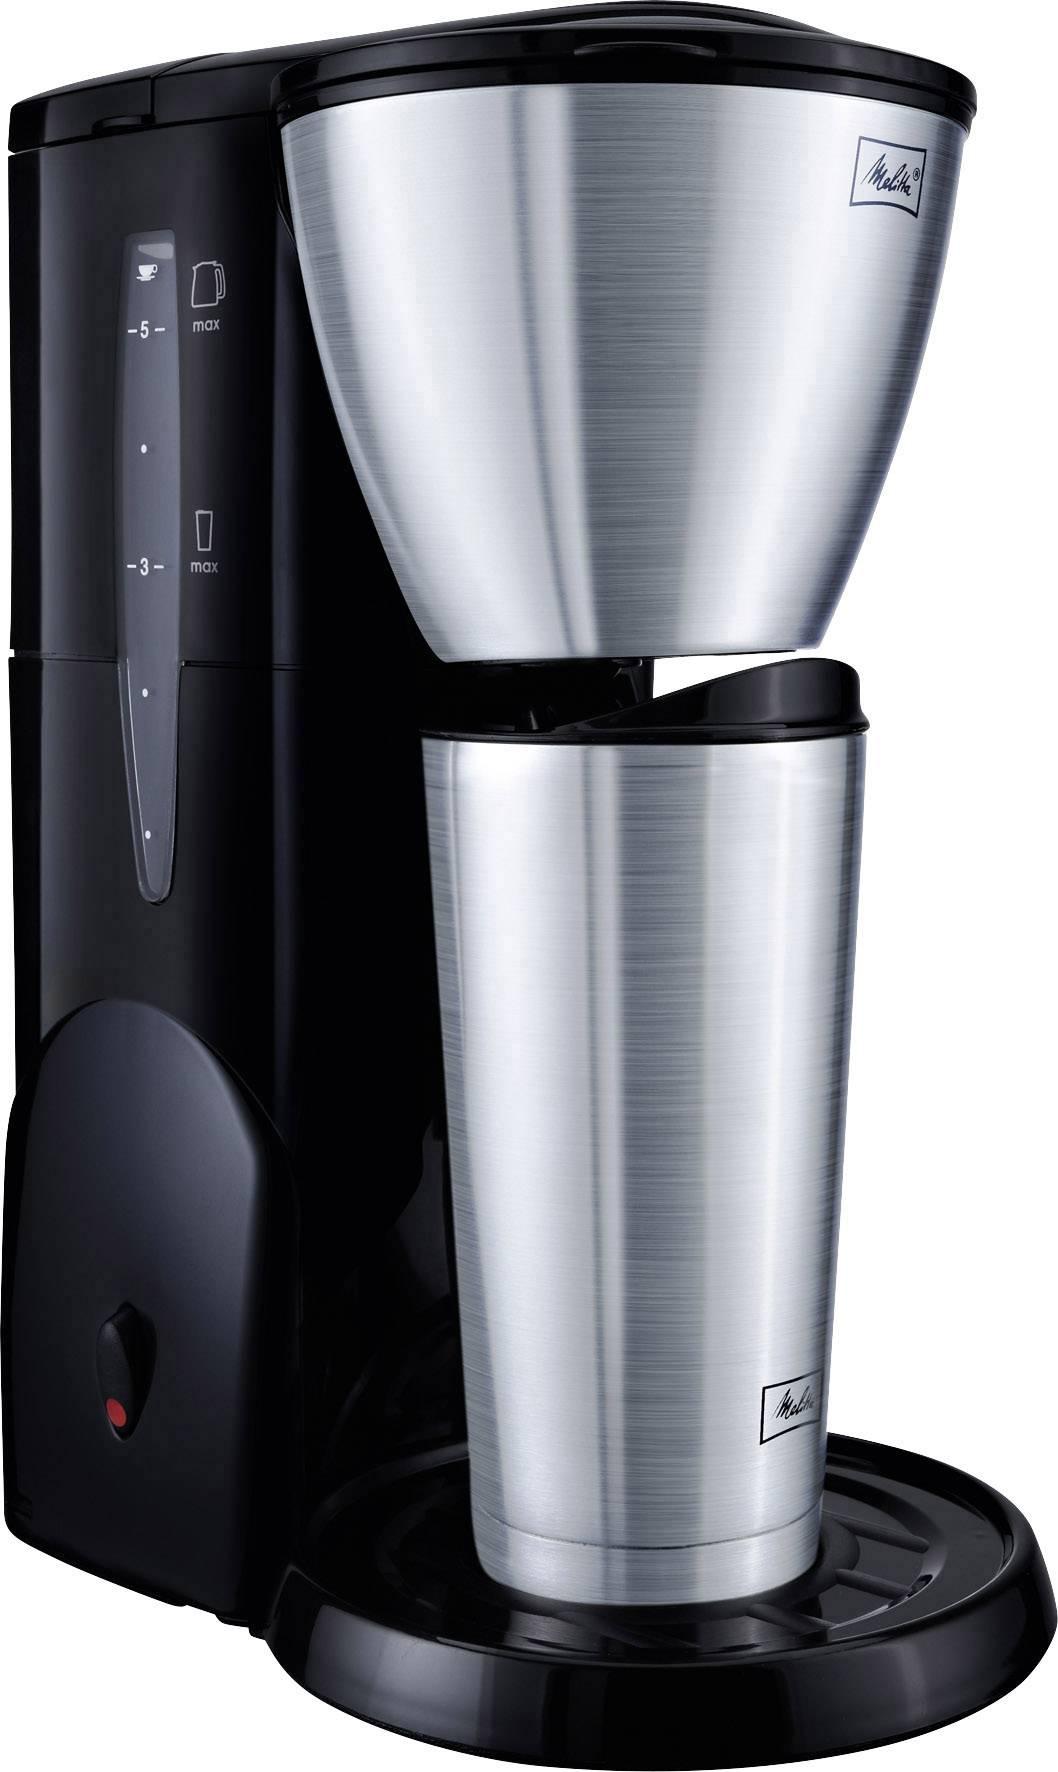 Isolierkanne 5 Melitta EdelstahlgebürstetSchwarz Single Kaffeemaschine Tassen Therm Fassungsvermögen 5 lK1JFc